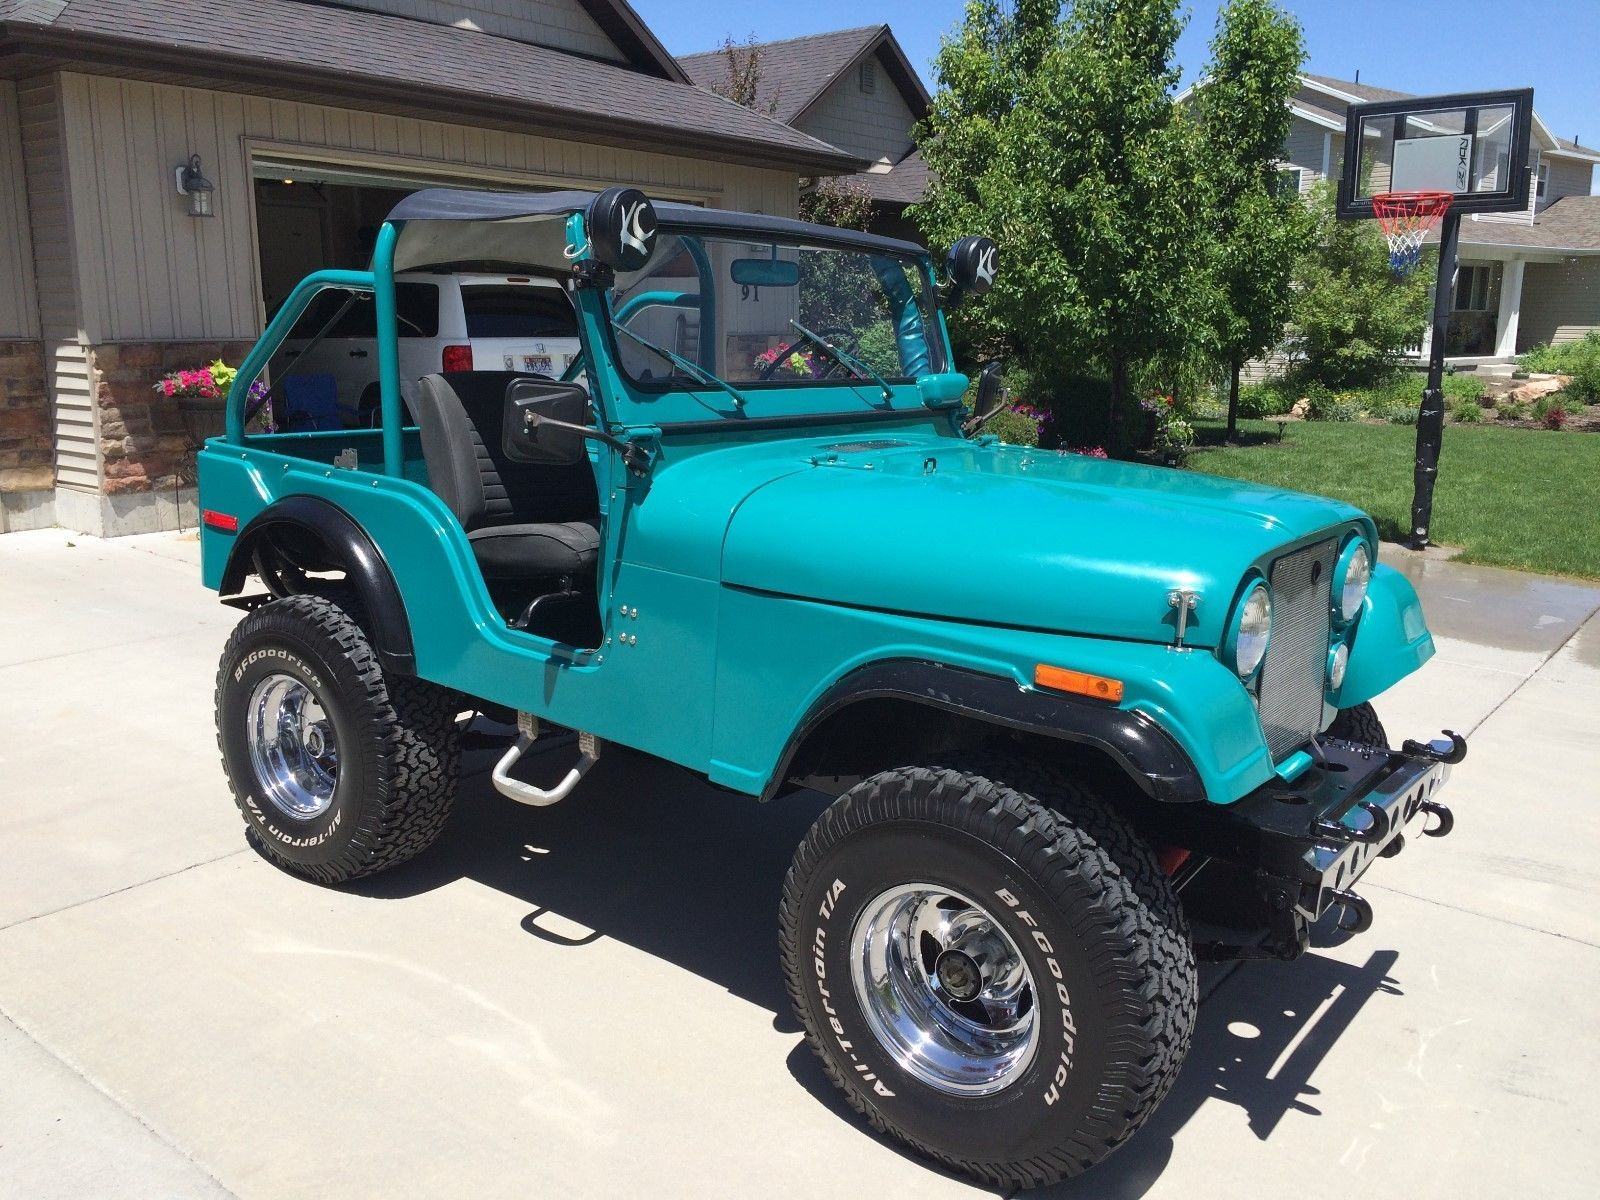 ebay 1972 jeep cj cj5 1972 jeep cj5 4x4 original 68k miles 2010 full build jeep jeeplife [ 1600 x 1200 Pixel ]